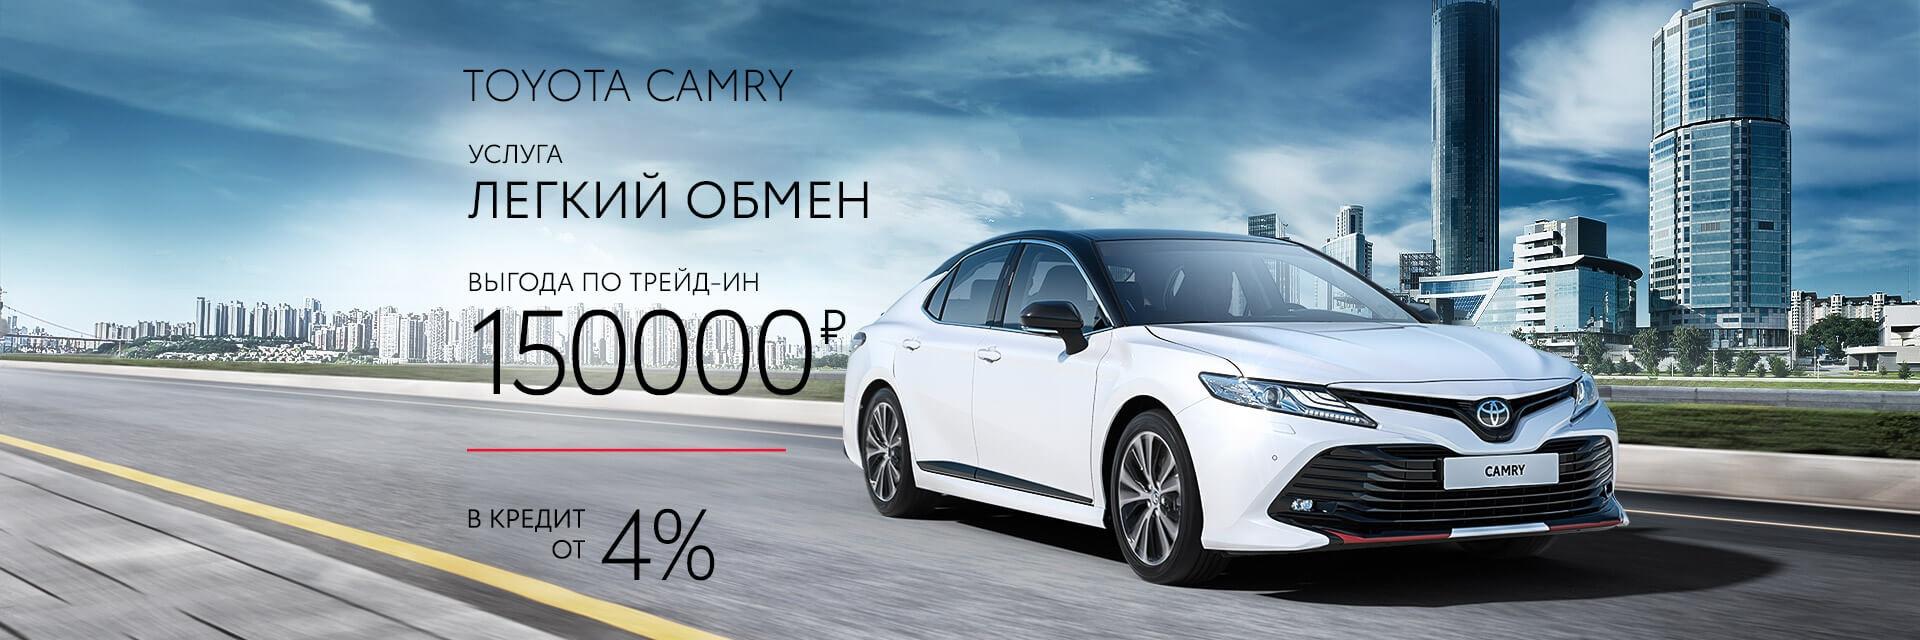 Camry Екатеринбург